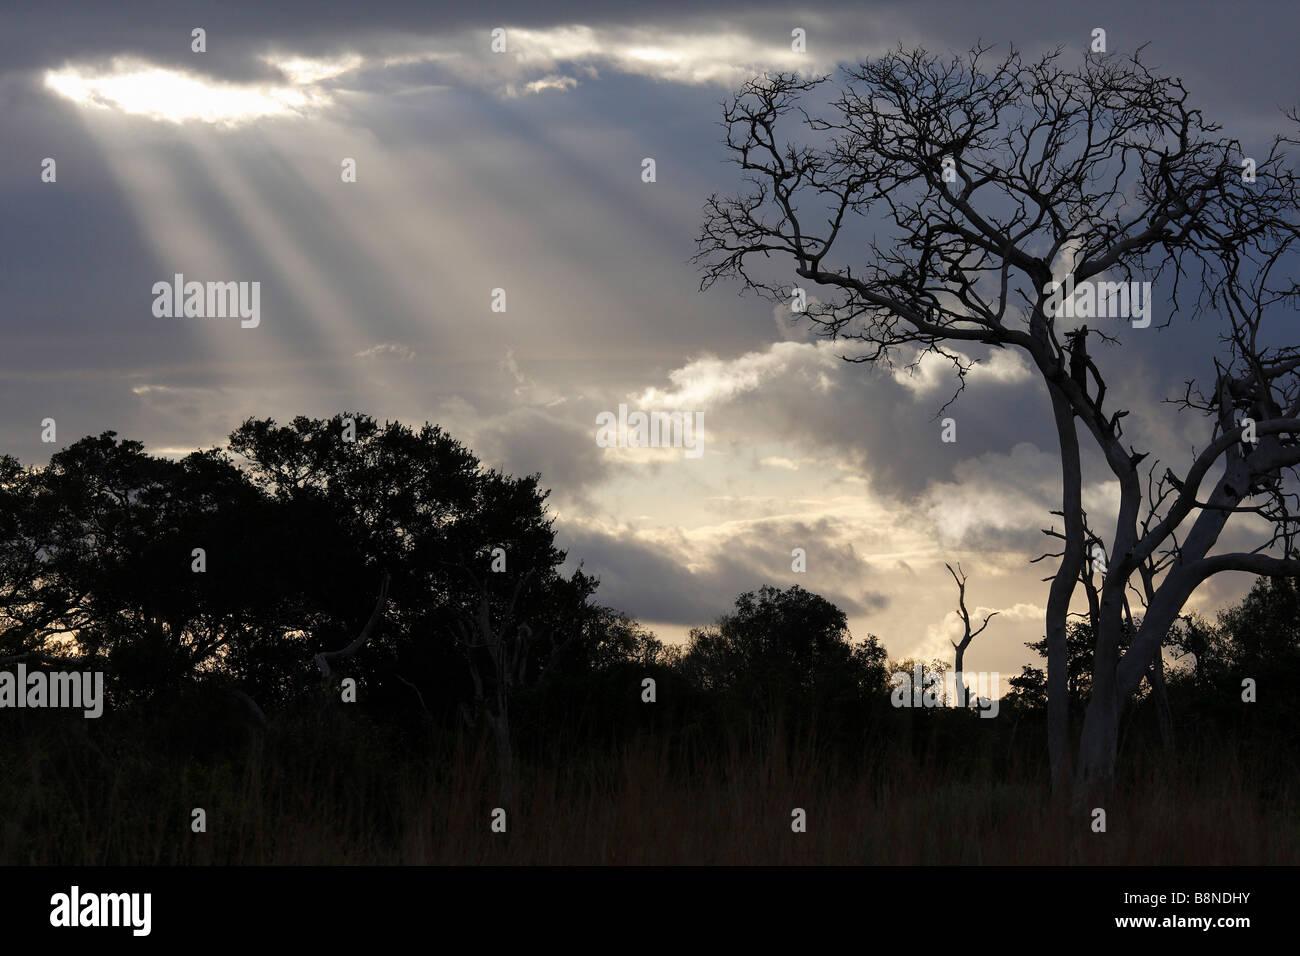 Alberi stagliano contro un cielo nuvoloso con i raggi del sole che splende attraverso Immagini Stock